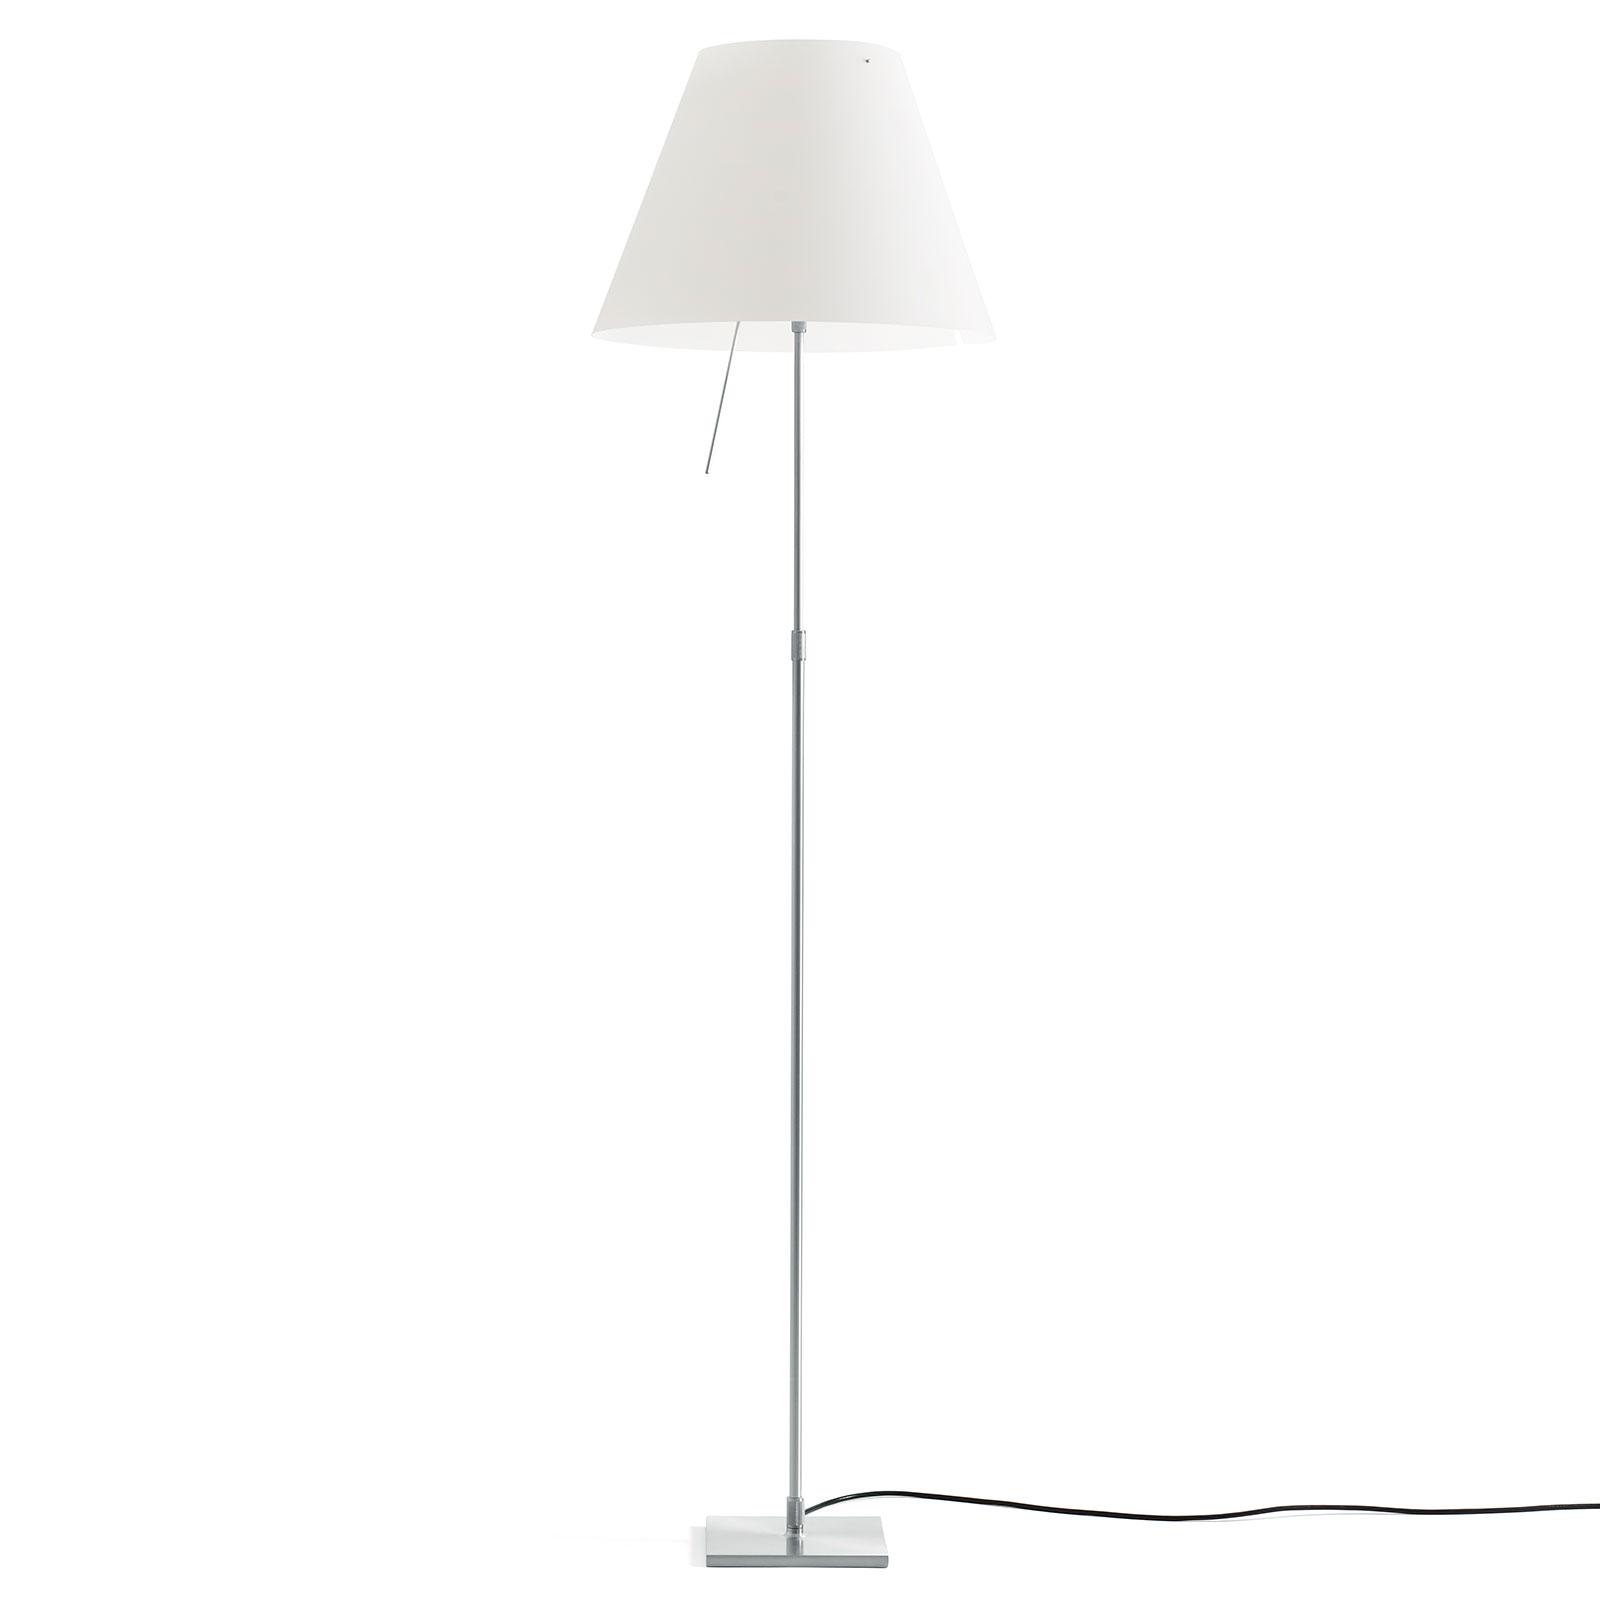 Luceplan Costanza D13 T.C Alluminio Lampada Da Terra